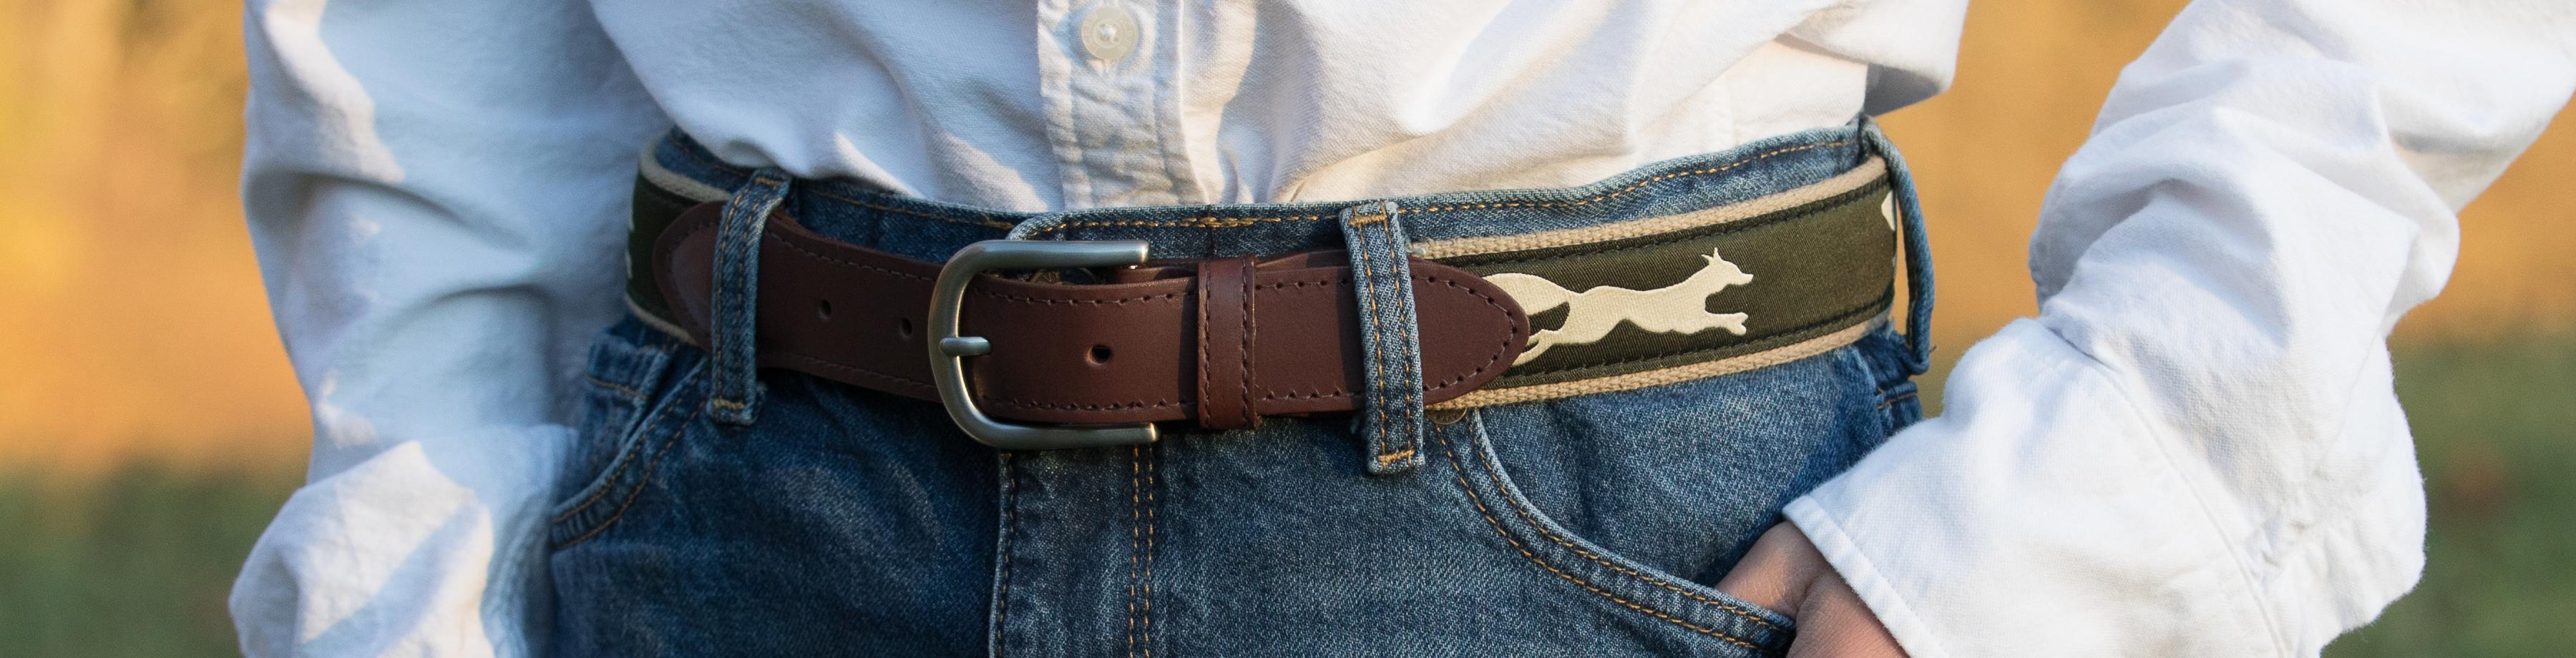 3600-youth-belts-1.jpg